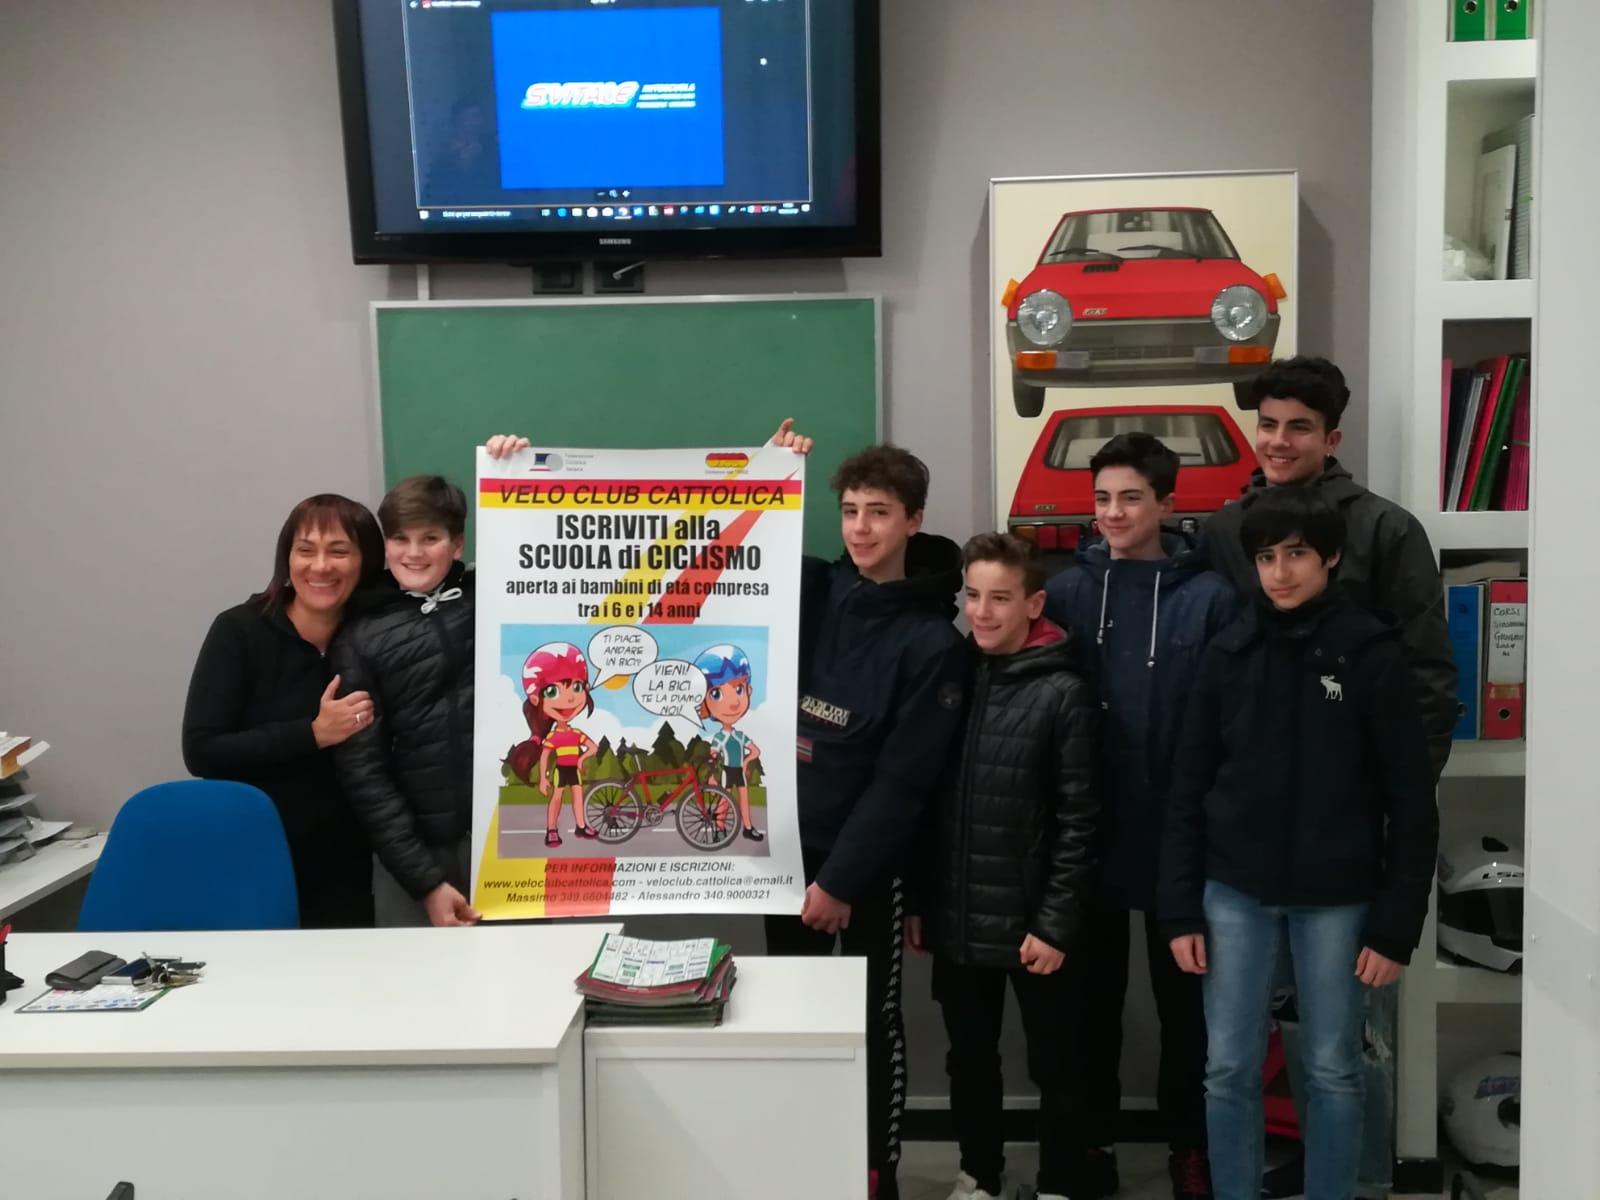 Corso_2019-02-16_-12-51